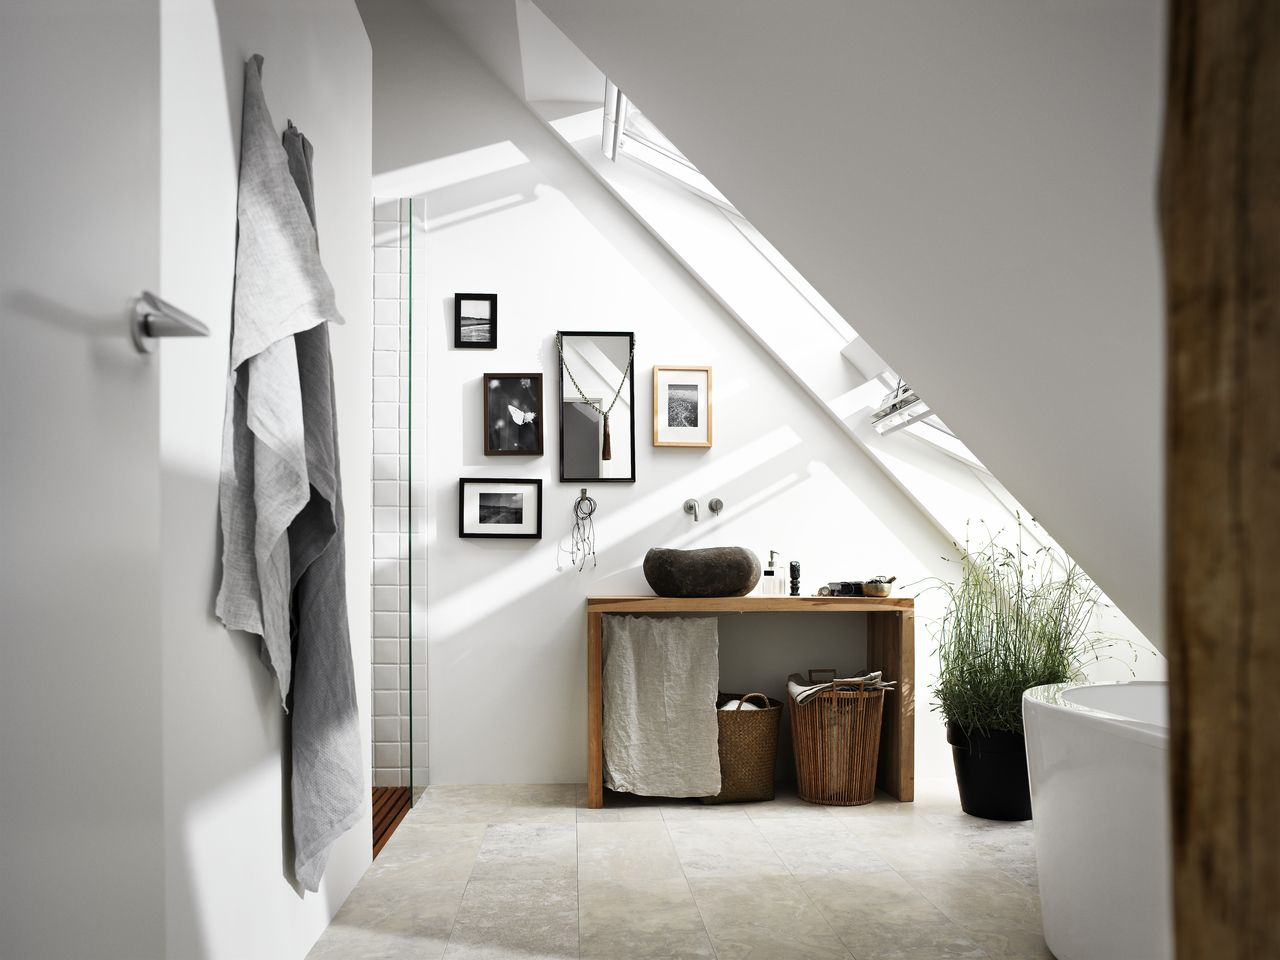 Neue Inspiration Fur Eure Badezimmer Hausrenovierung Wohnung Velux Fenster